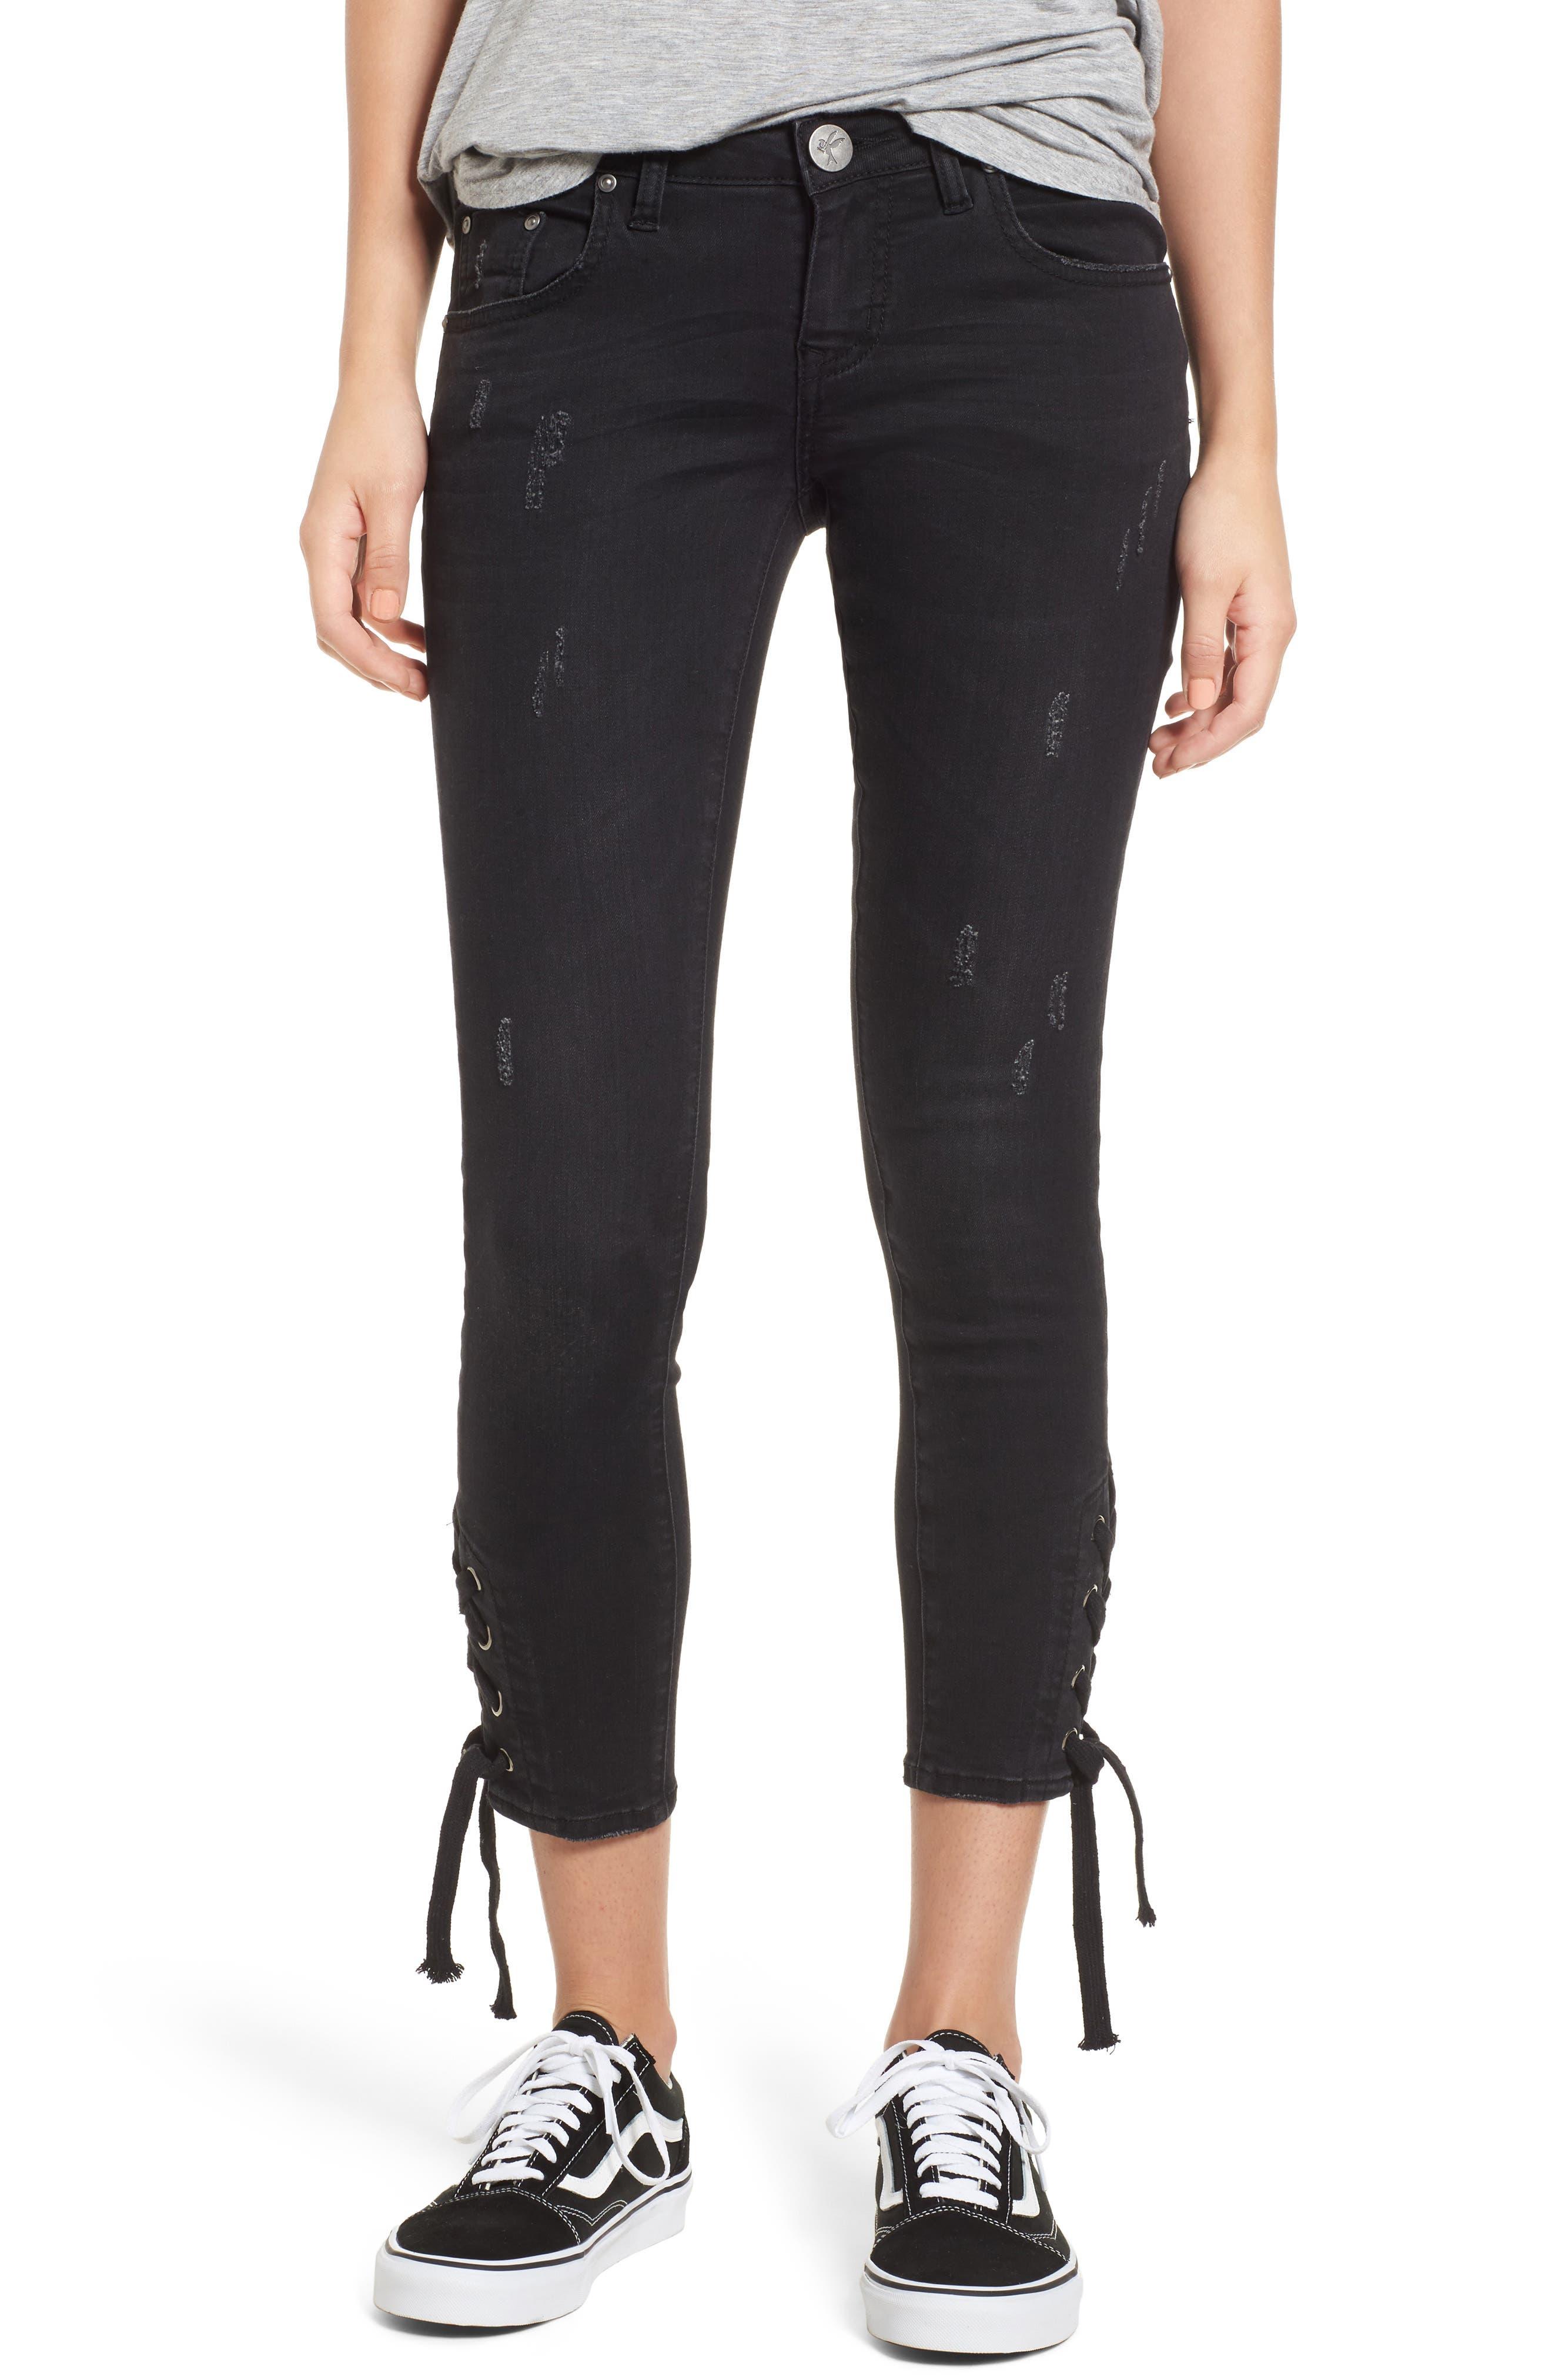 ONE TEASPOON Freebirds Side Tie Crop Skinny Jeans